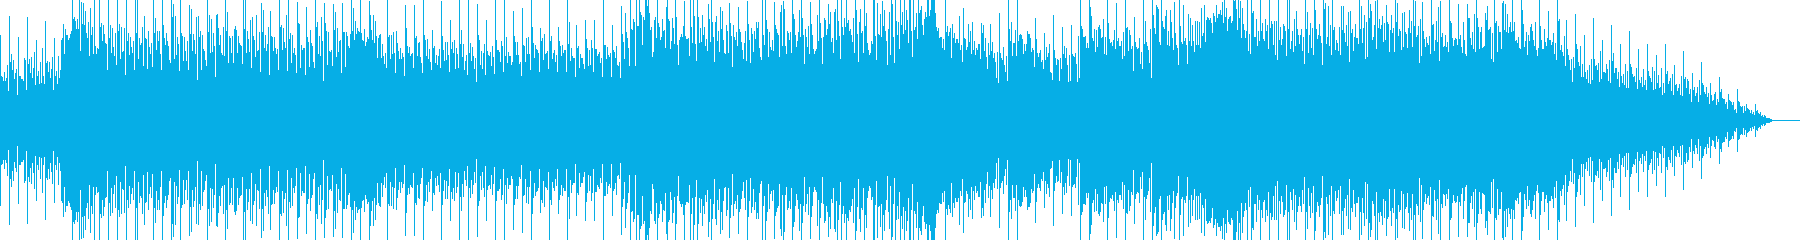 力強いスネアドラムが印象的なBGMの再生済みの波形